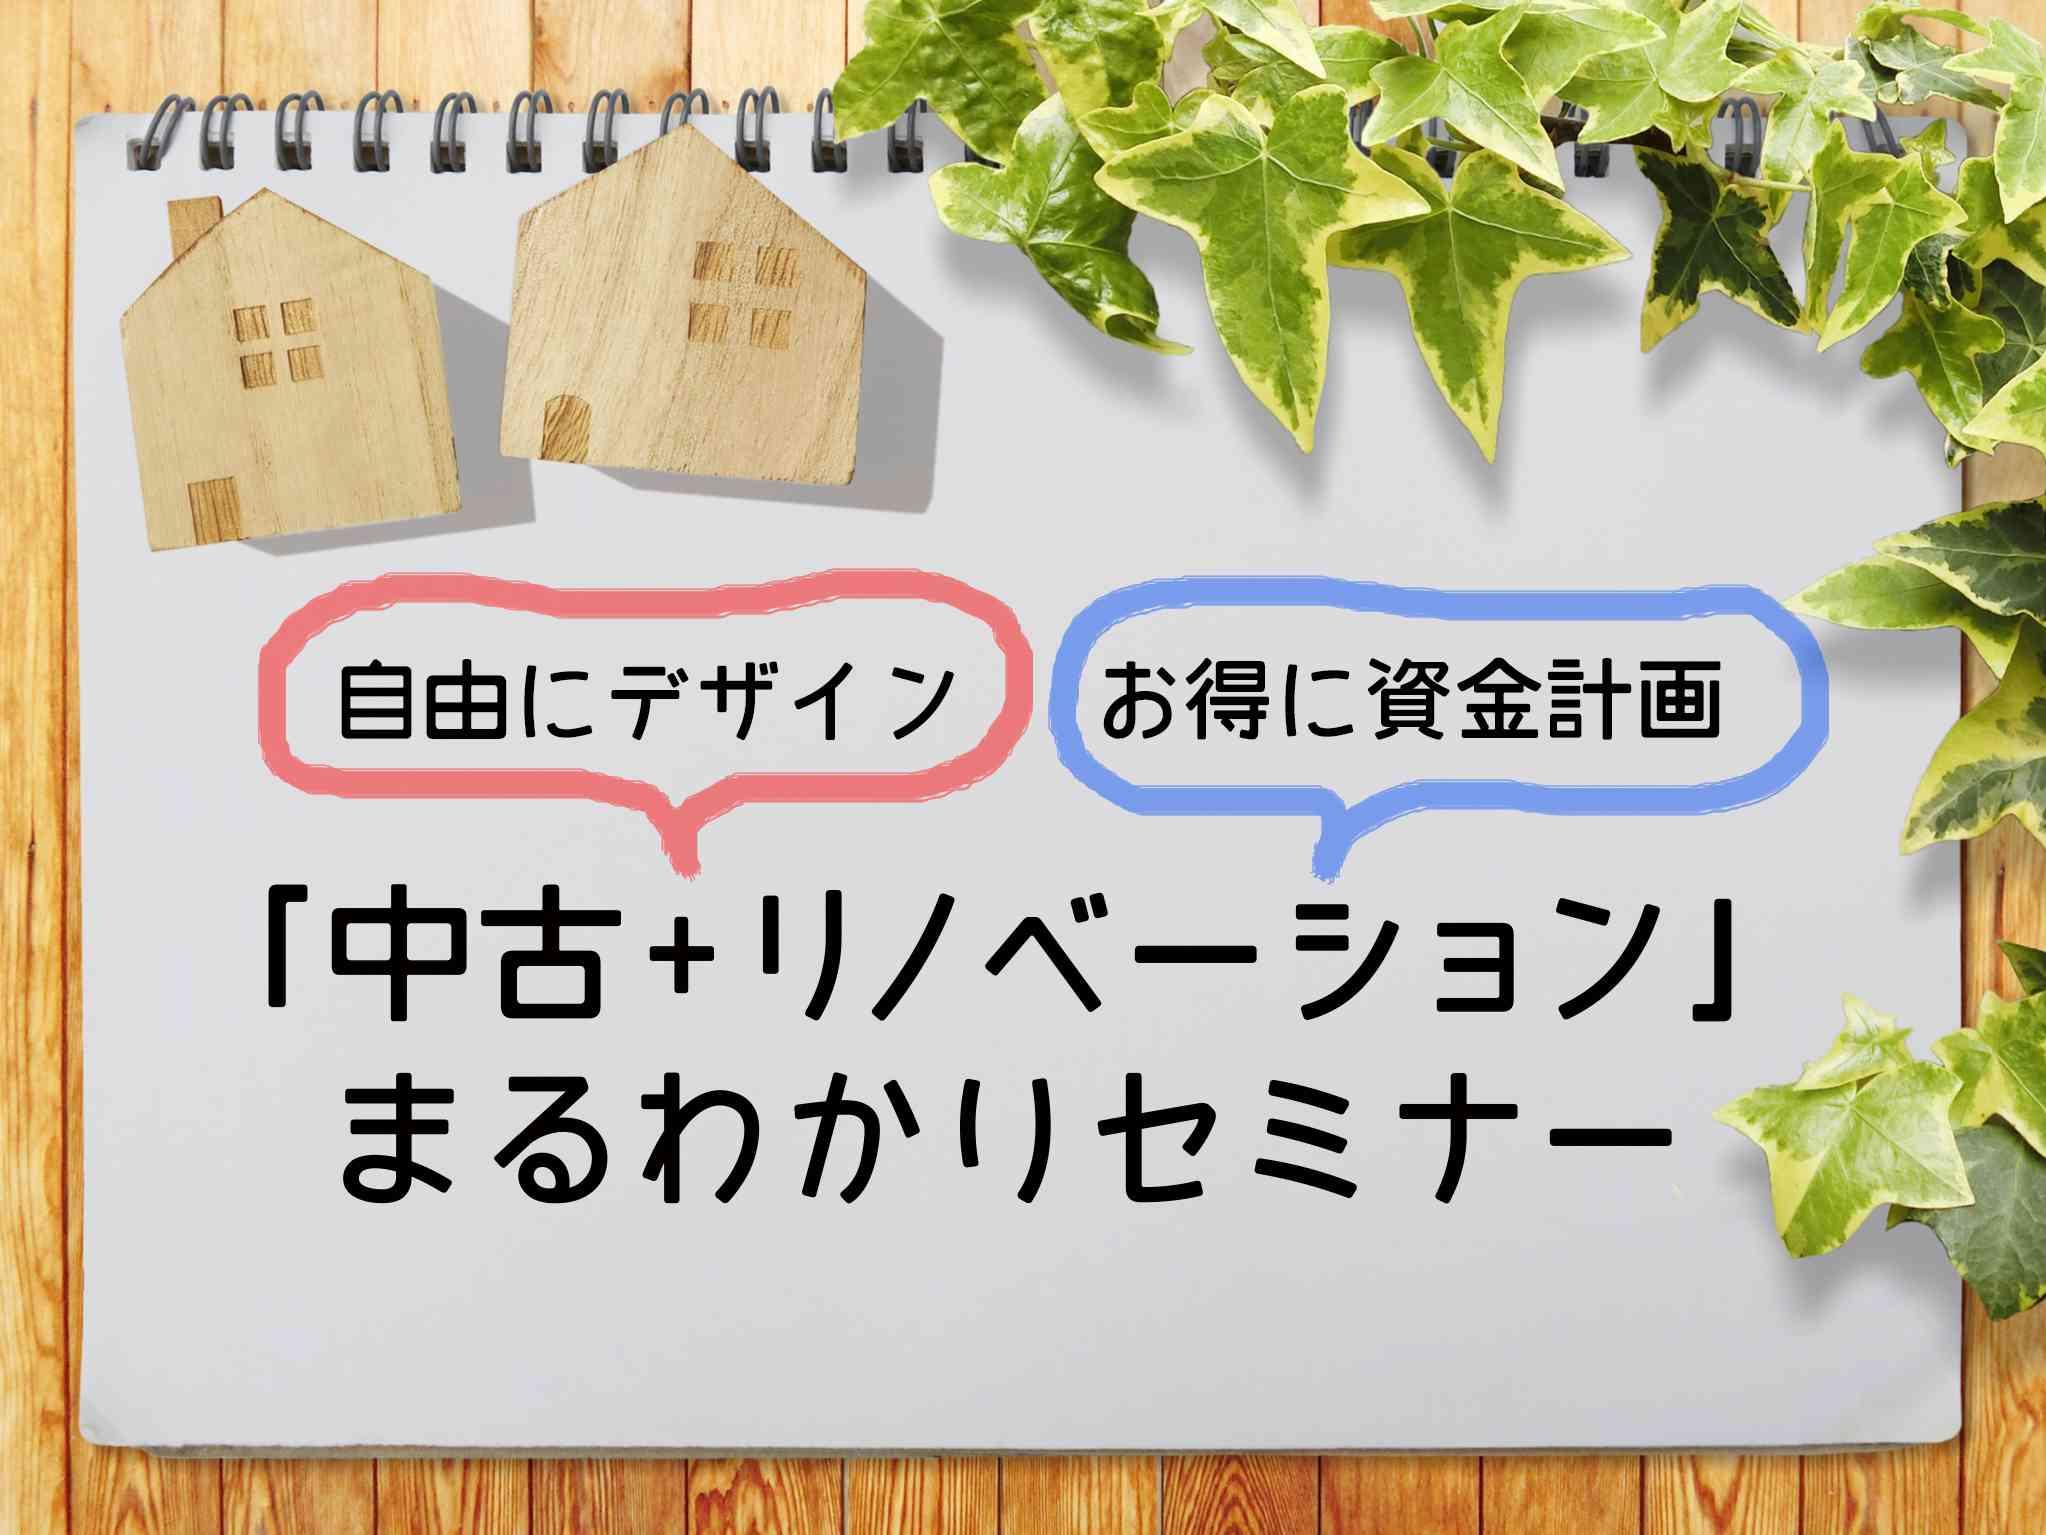 【土日開催】『知って得する!お家さがしセミナー』開催!